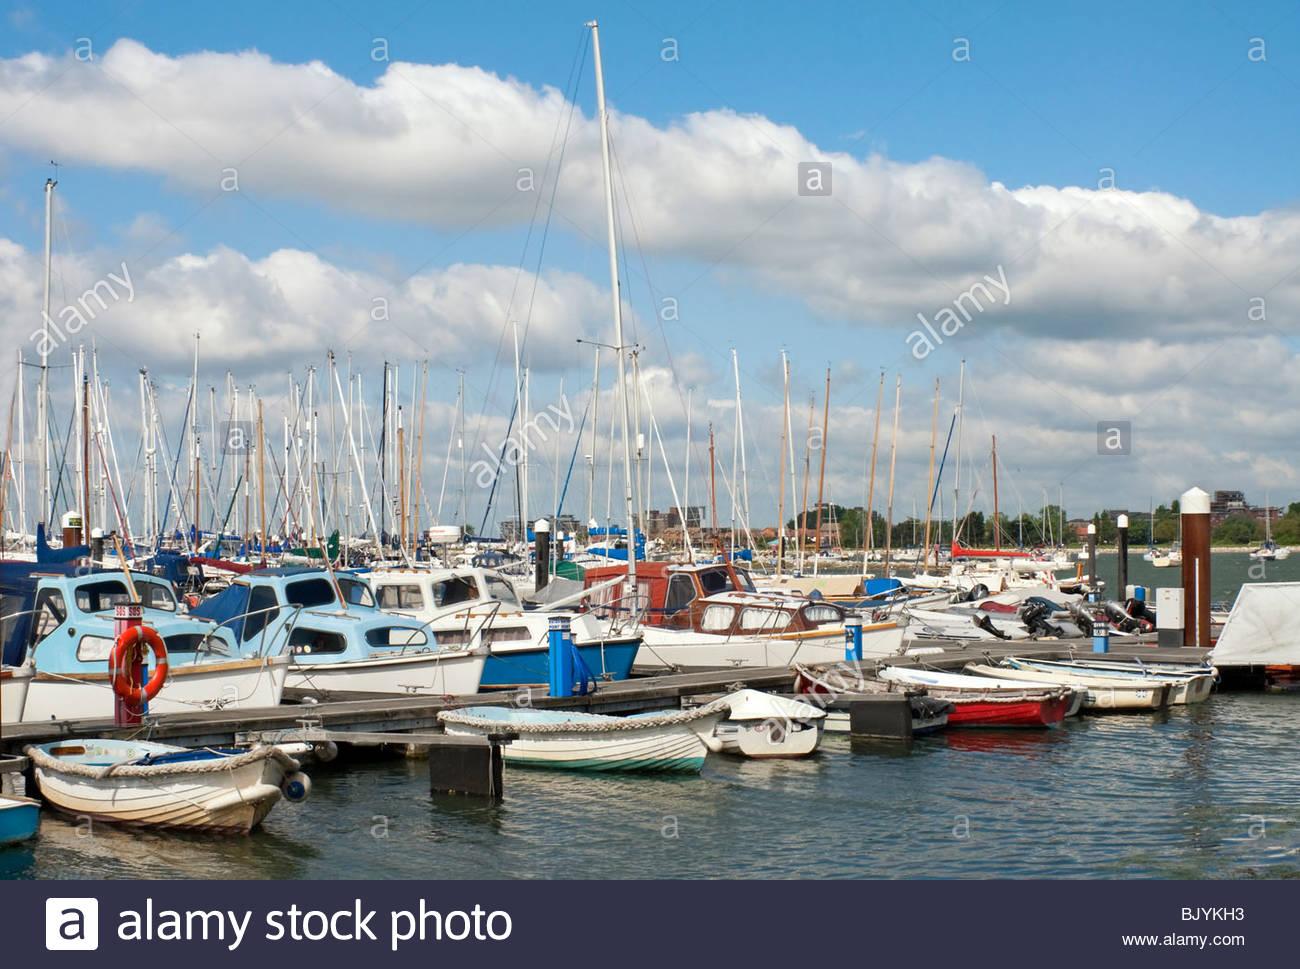 Hafen von Poole. Poole Harbour ist ein großer Naturhafen in Dorset, South East England. Stockbild